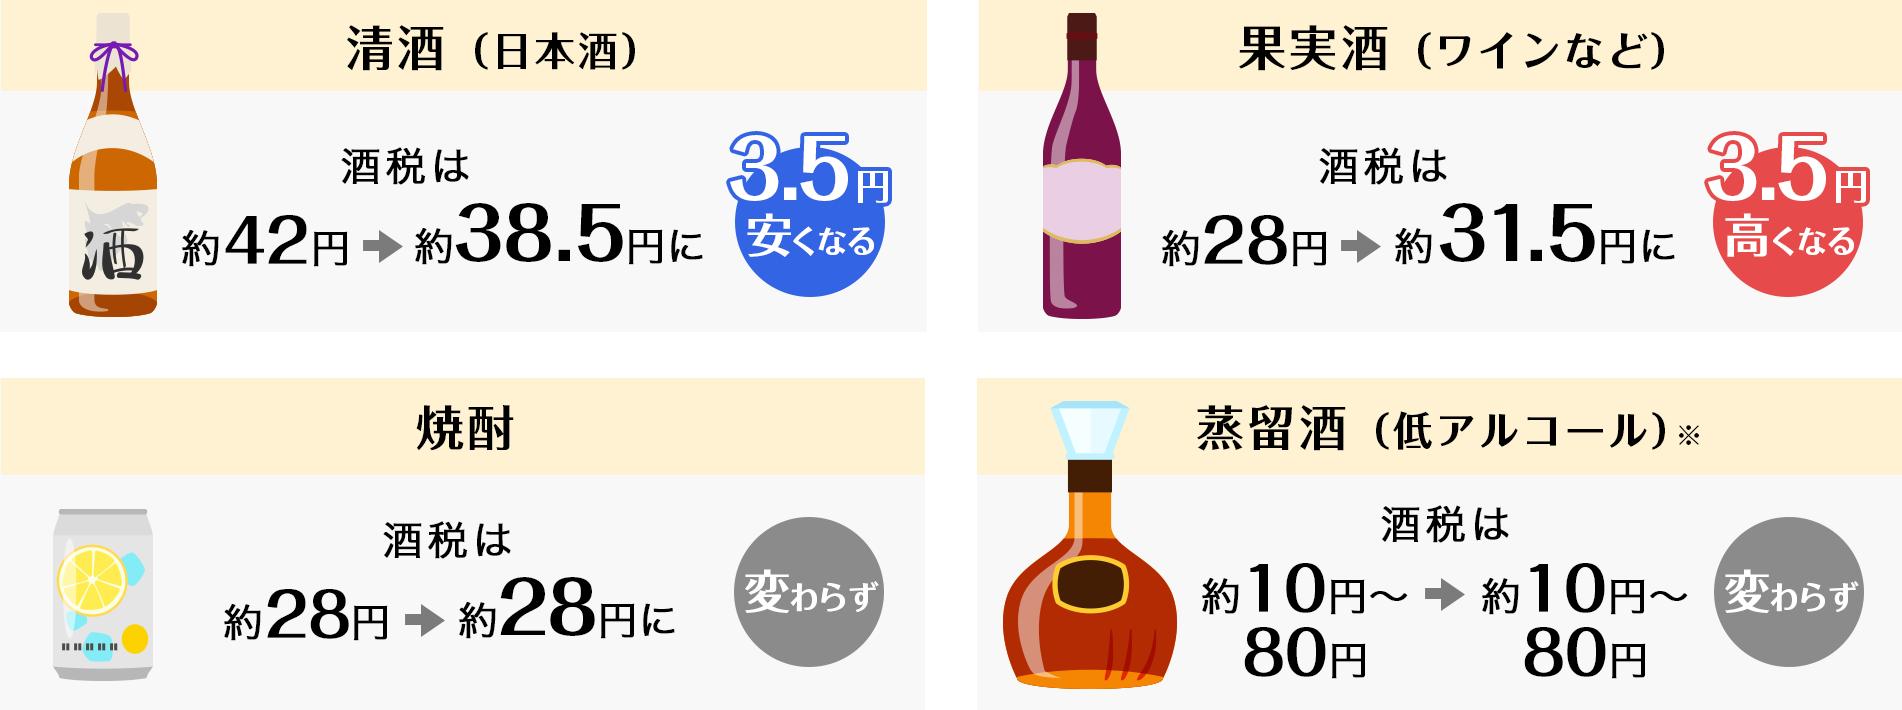 ビール系以外のお酒の税率比較表